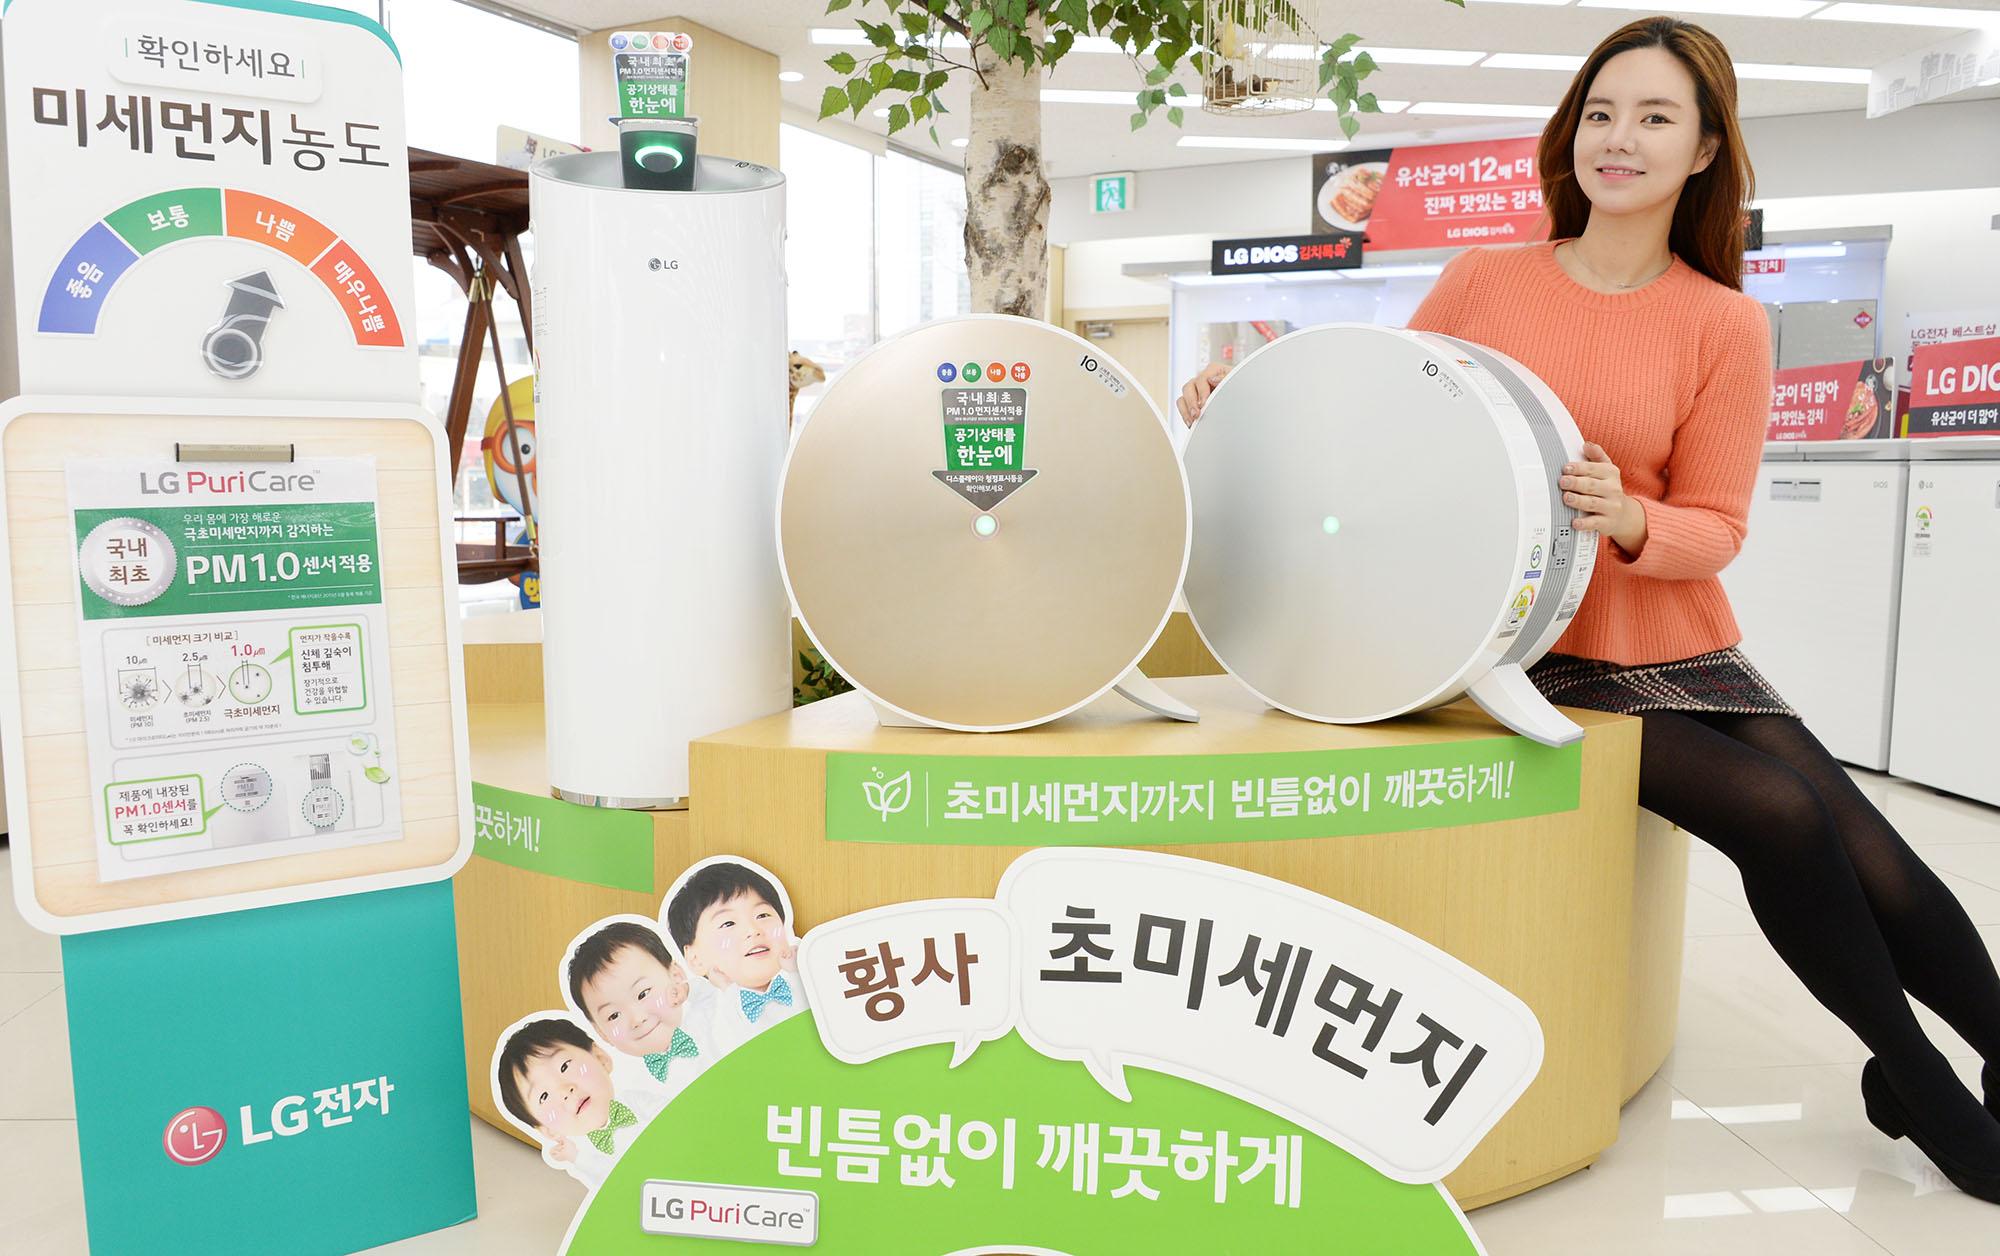 LG전자,  공기청정기 '퓨리케어' 대박